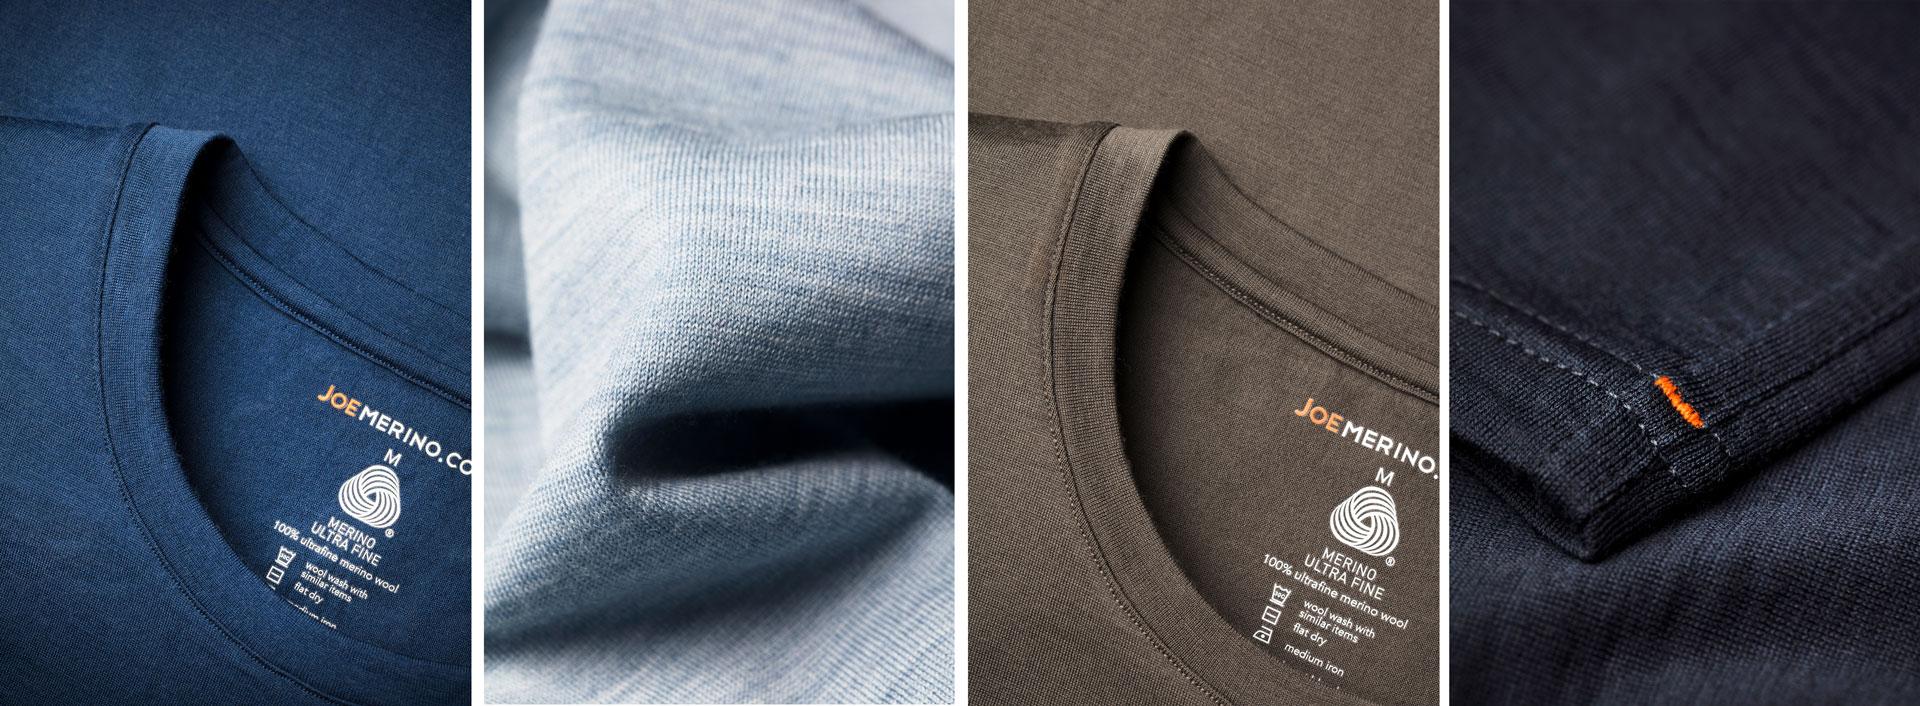 Detailfoto van dikke trui